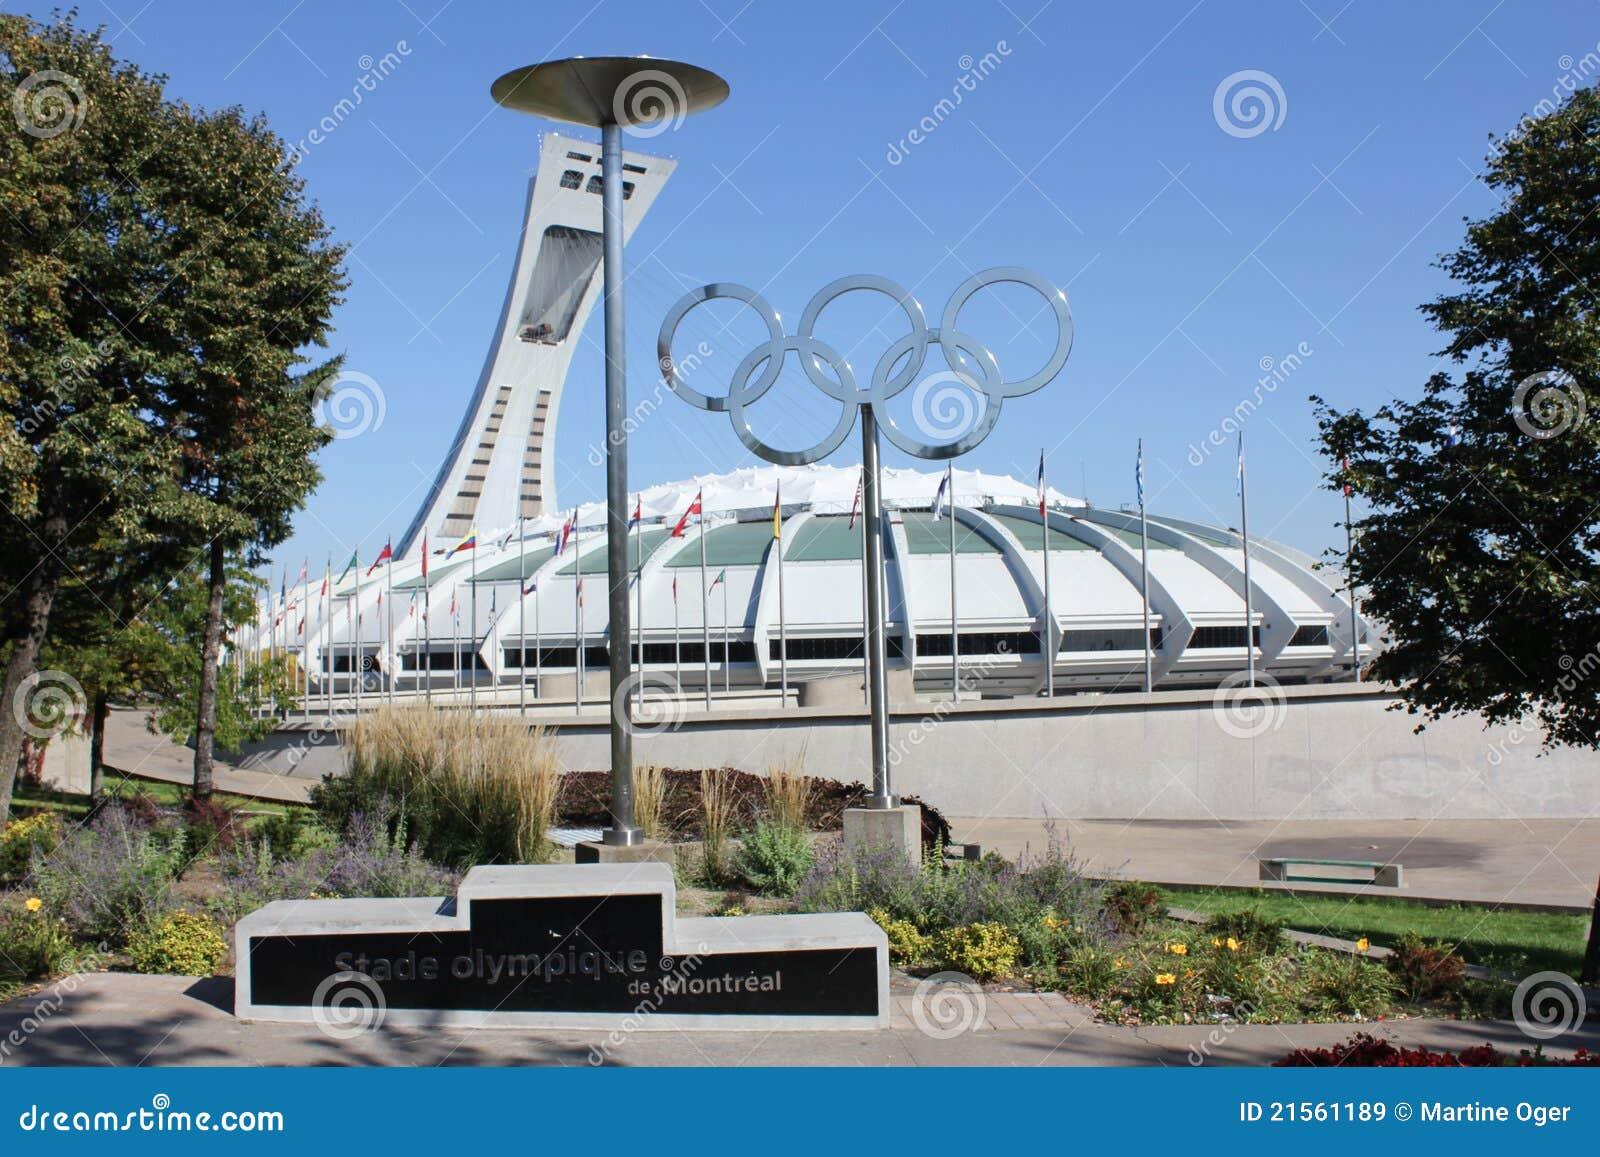 Estádio olímpico de Montreal.